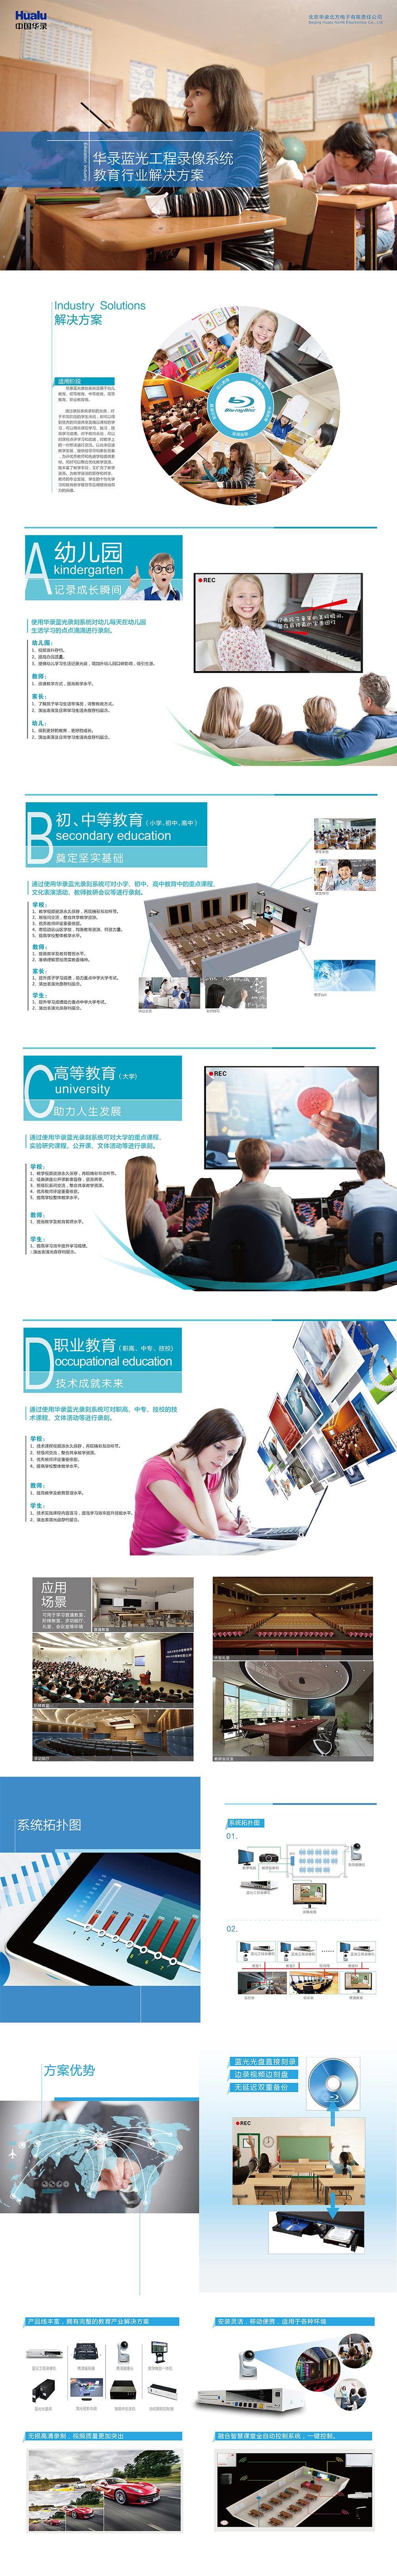 华录蓝光工程录像系统教育行业整体解决方案